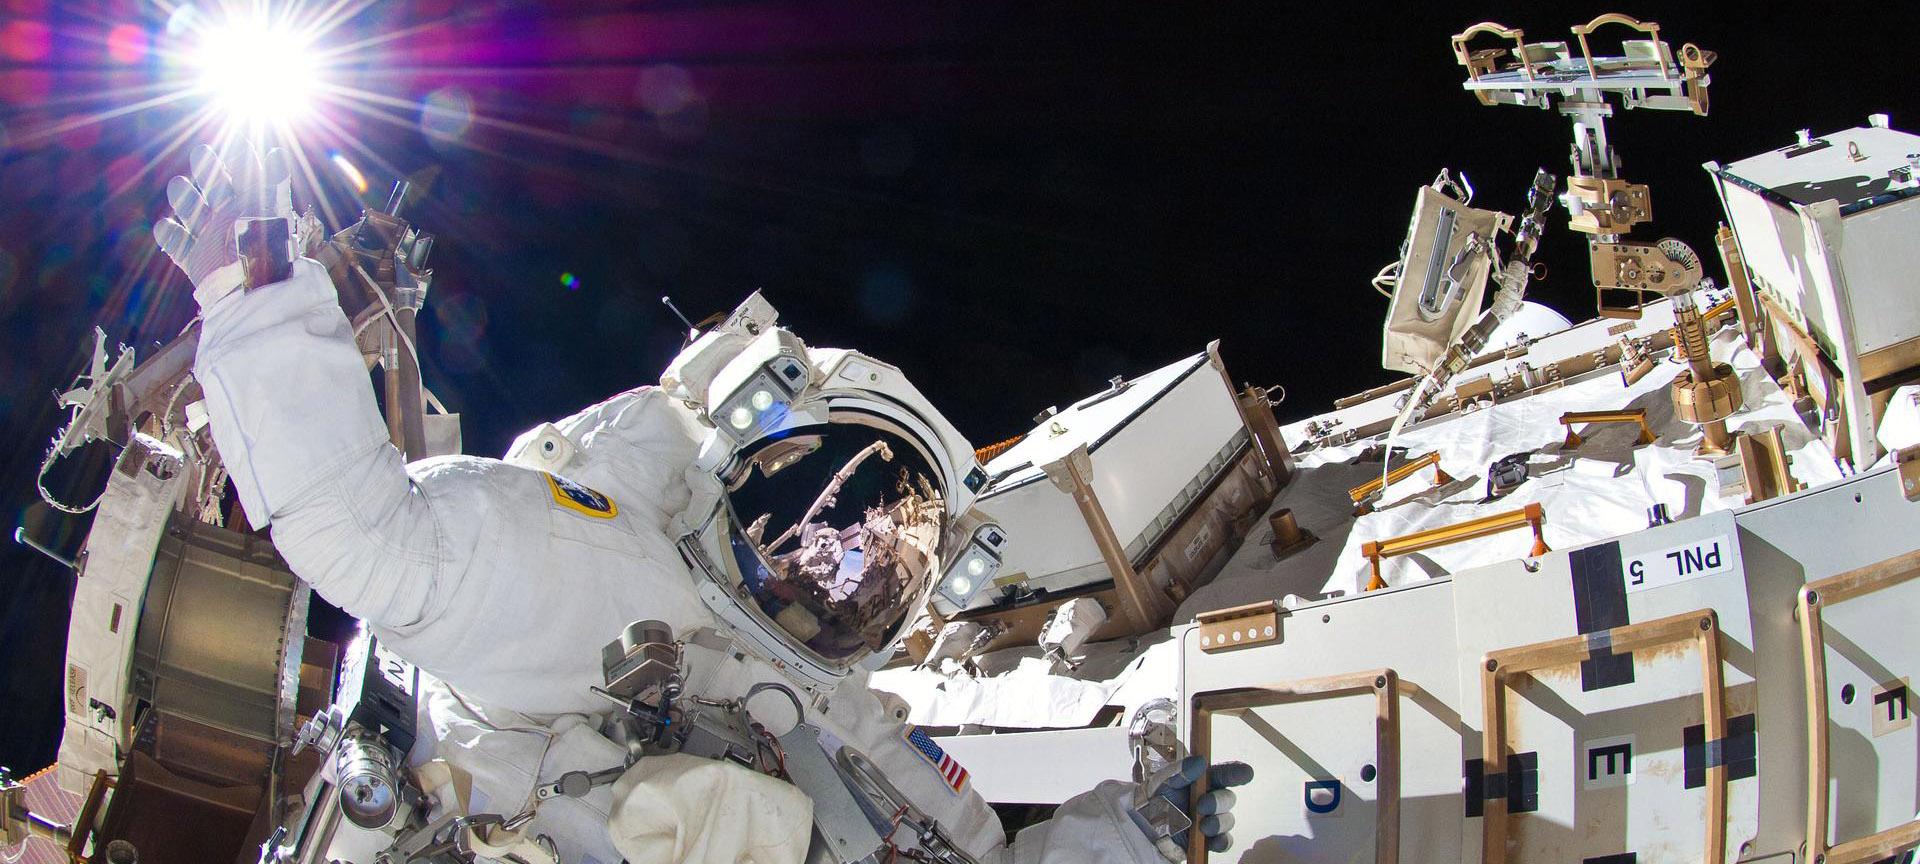 Astronaut Sunita Williams, Expedition 32, utanför rymdstationen.